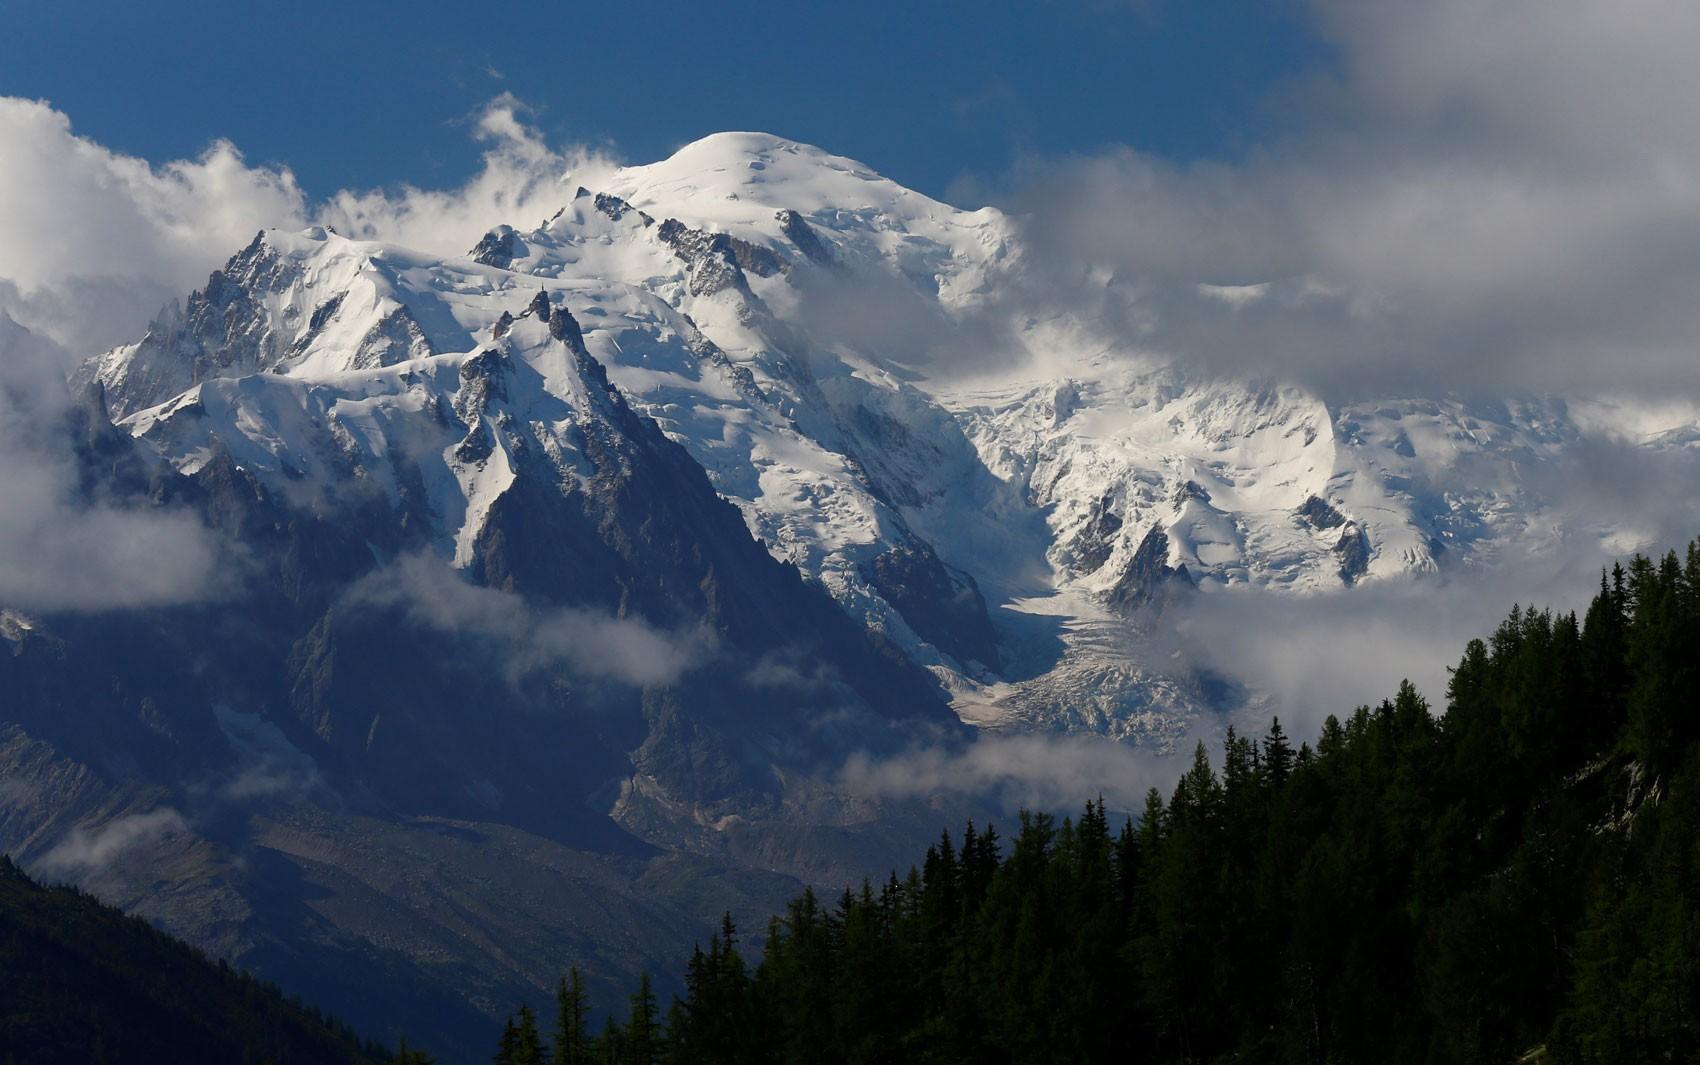 Mont Blanc, montanha mais alta da Europa Ocidental, perdeu 1cm em dois anos